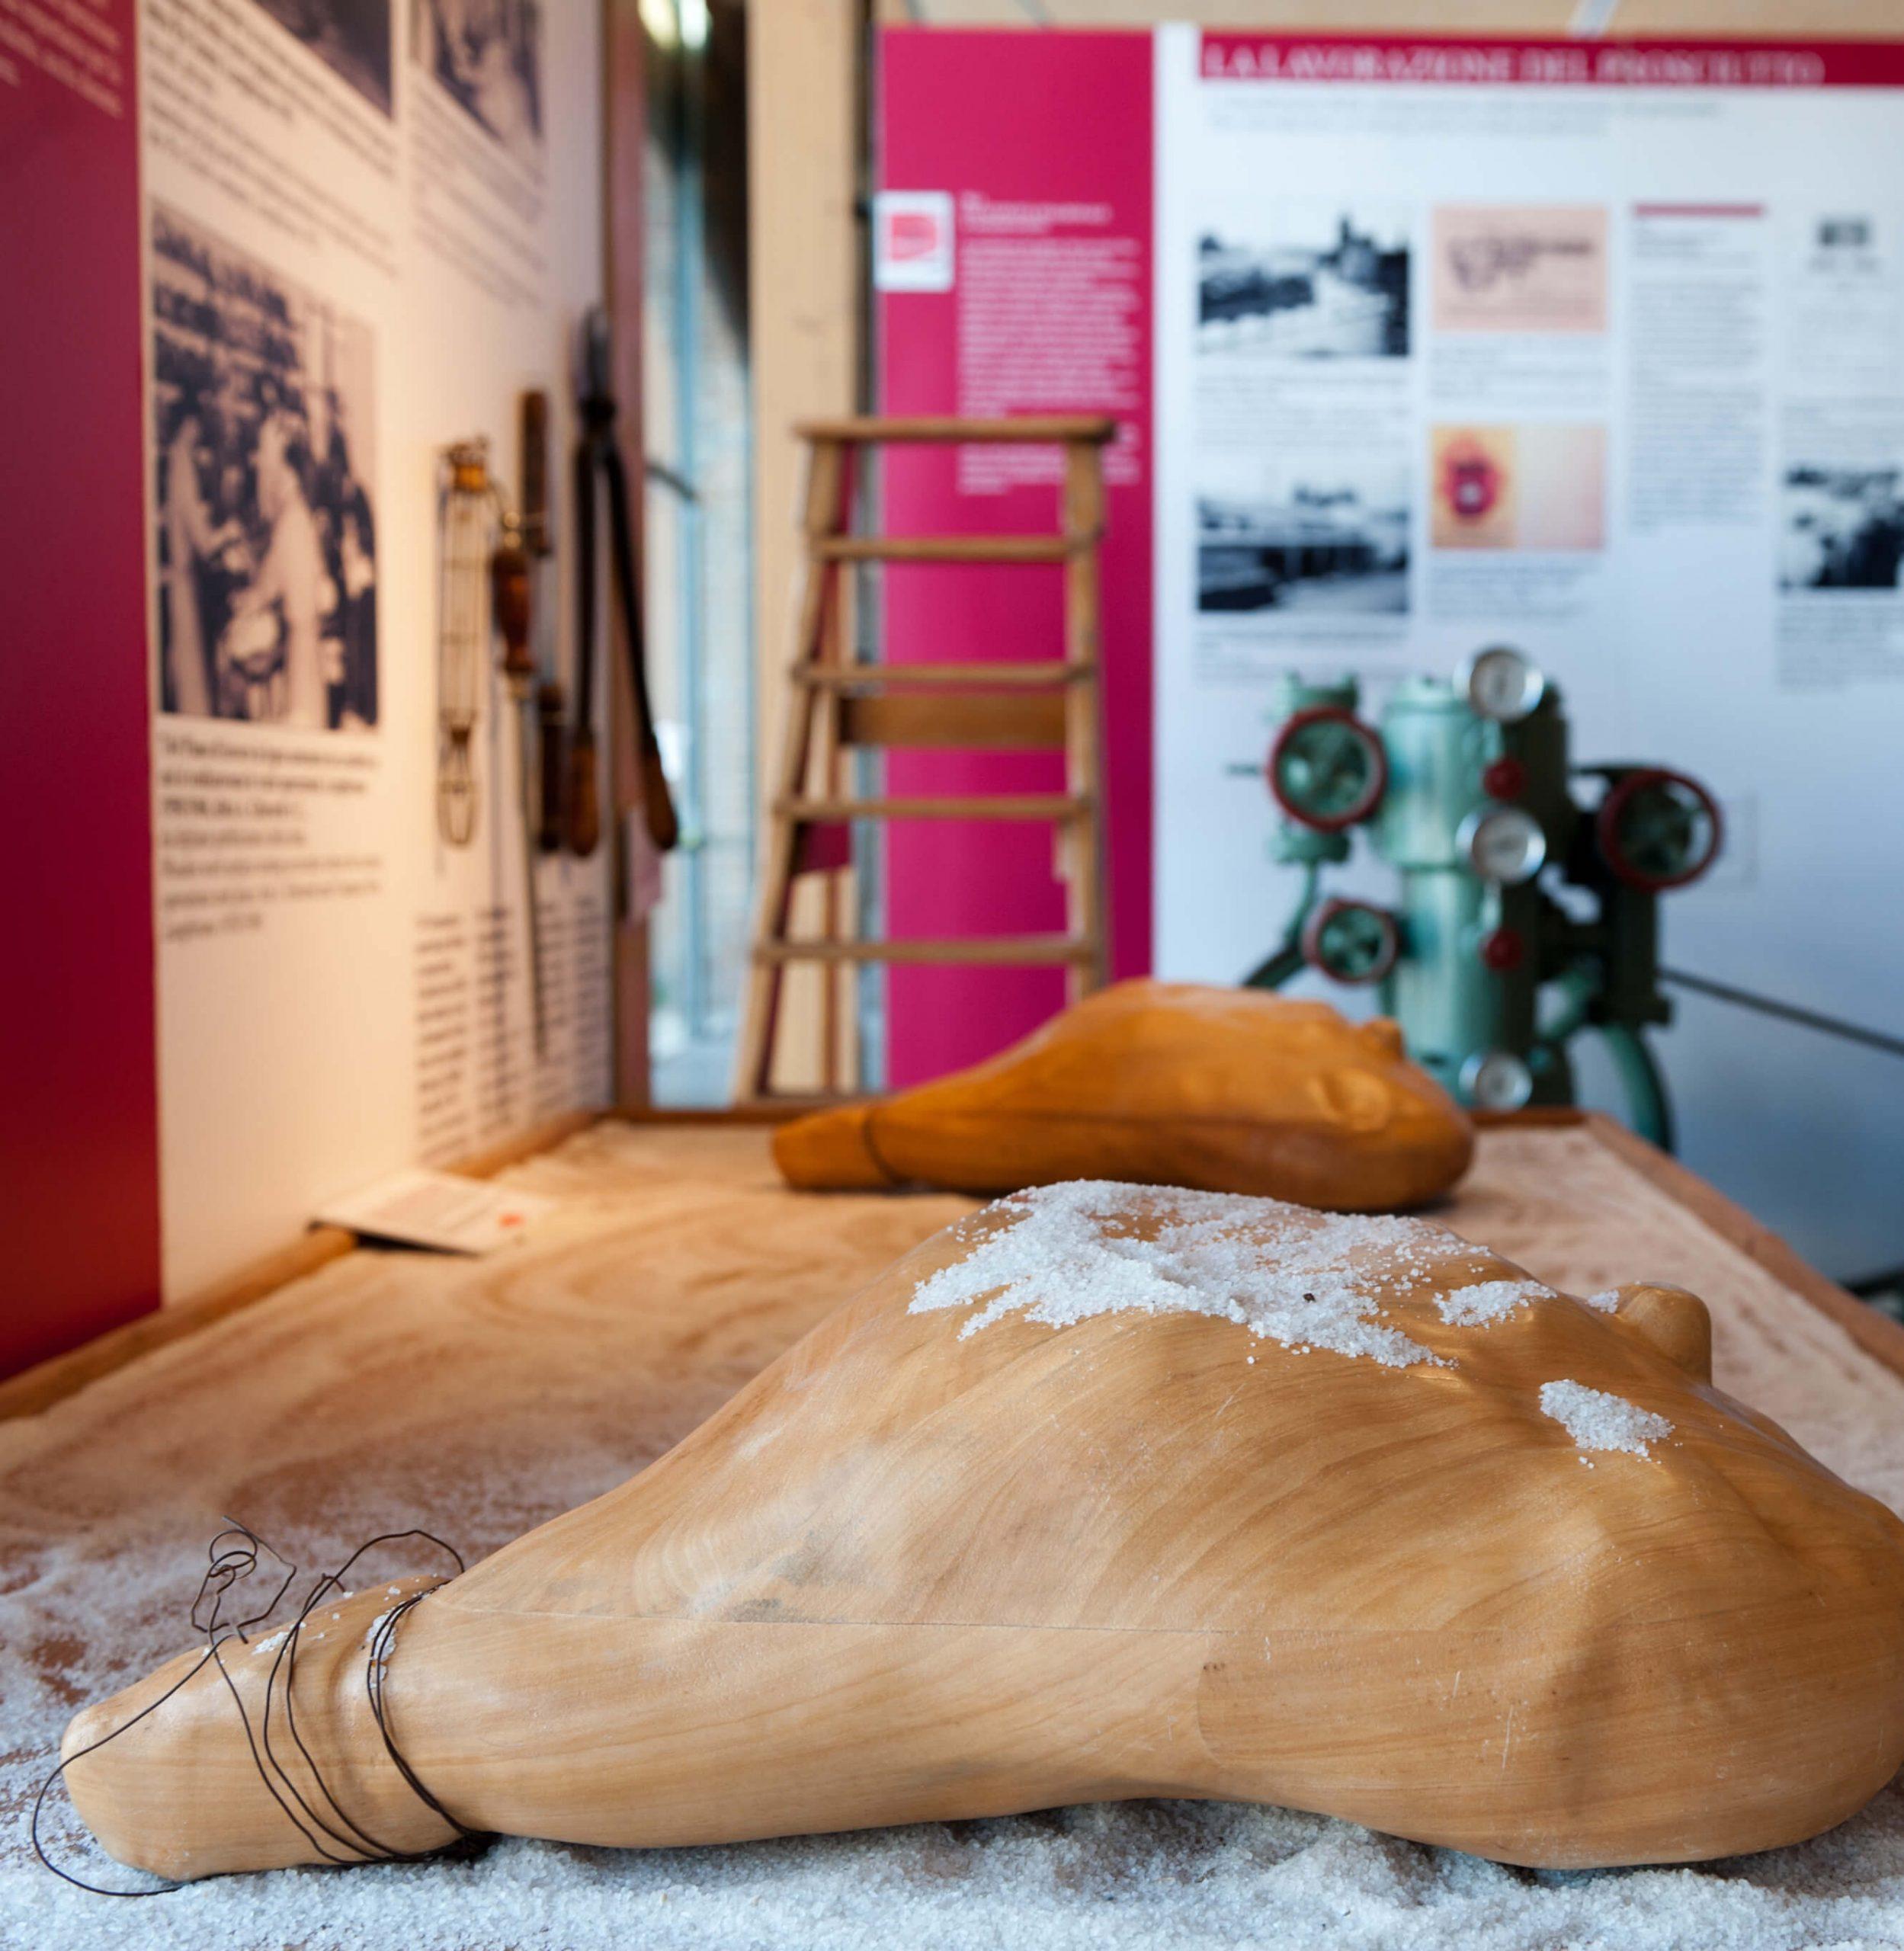 Museum of Parma Ham in Langhirano